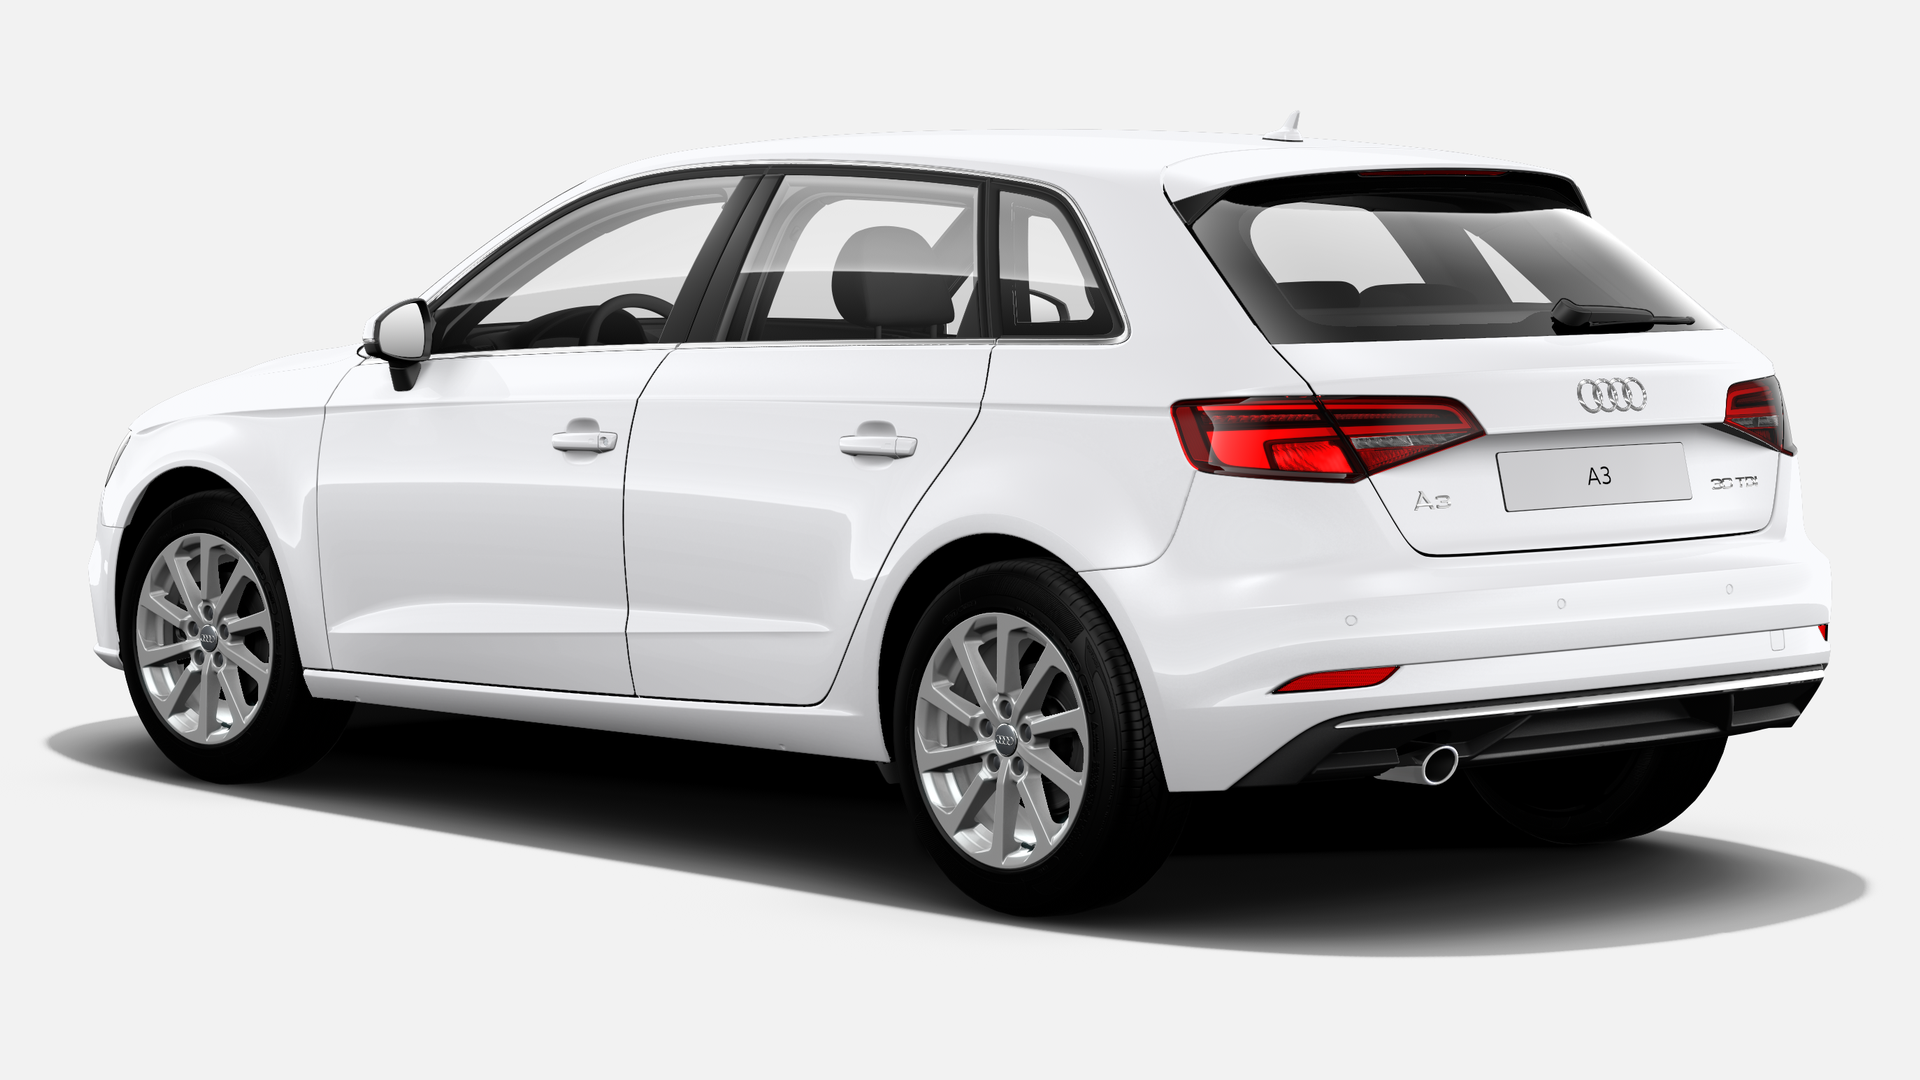 Vista Tres cuartos trasera izquierda de Audi A3 Sportback 1.6 TDI Design Edition 85 kW (116 CV)